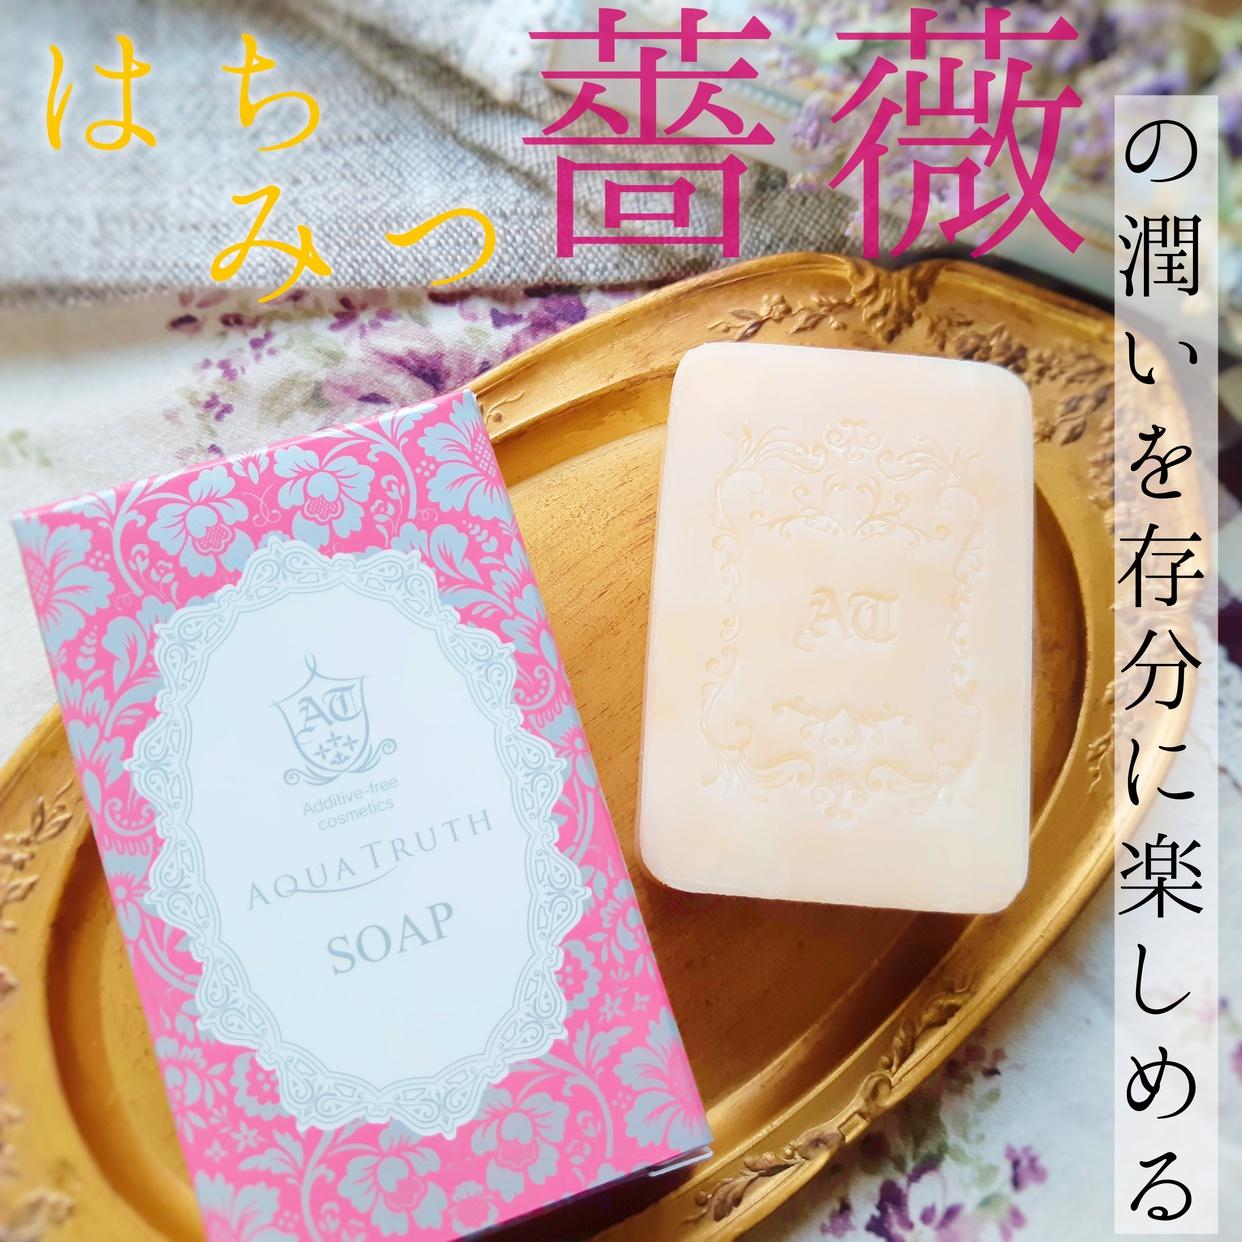 麗凍化粧品(Reitou Cosme) 薔薇はちみつ石鹸を使った銀麦さんのクチコミ画像1